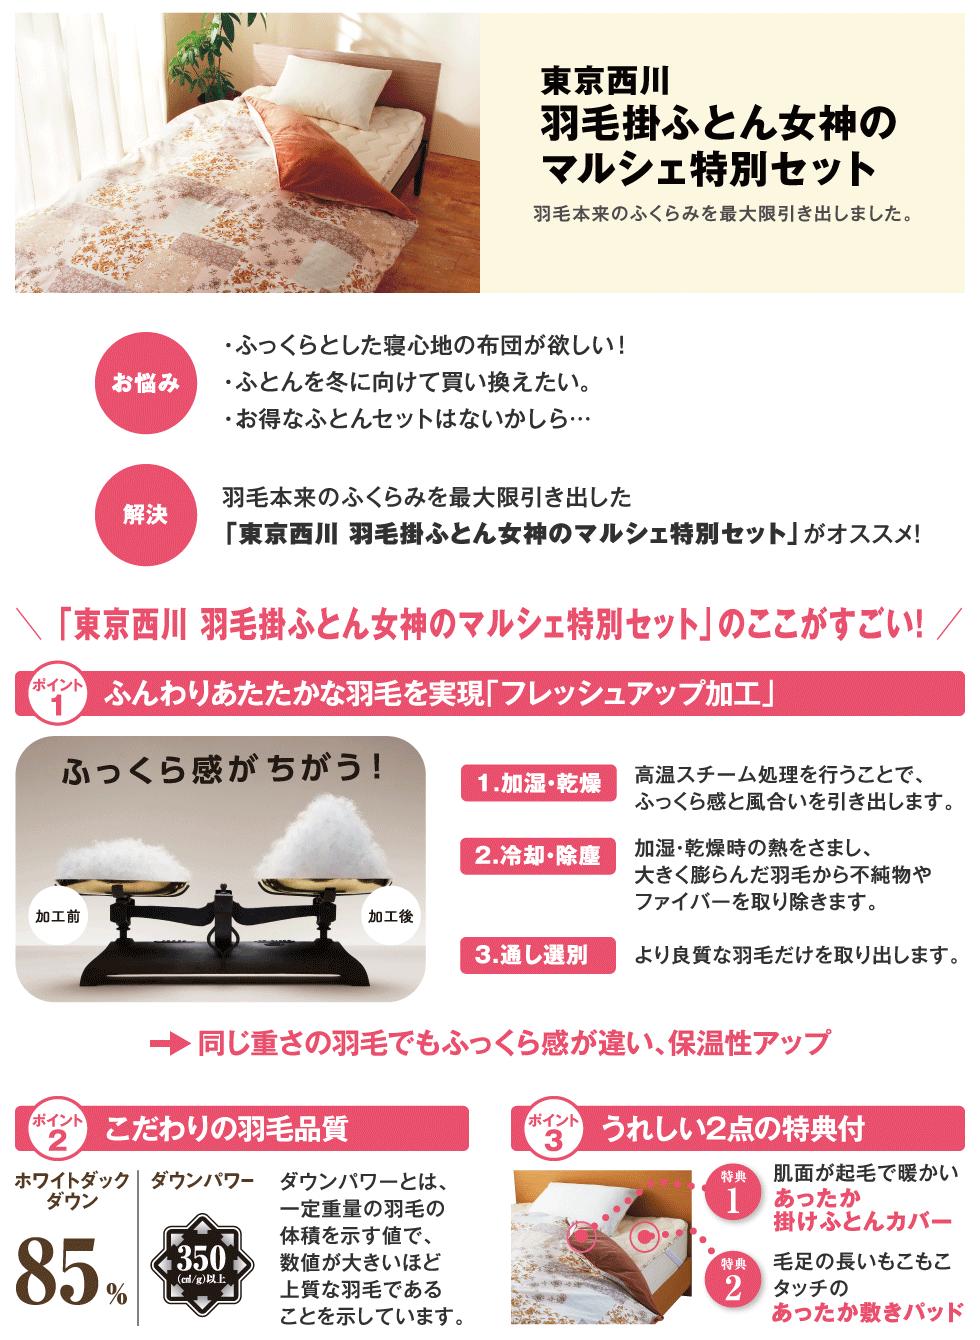 東京西川 羽毛掛ふとん